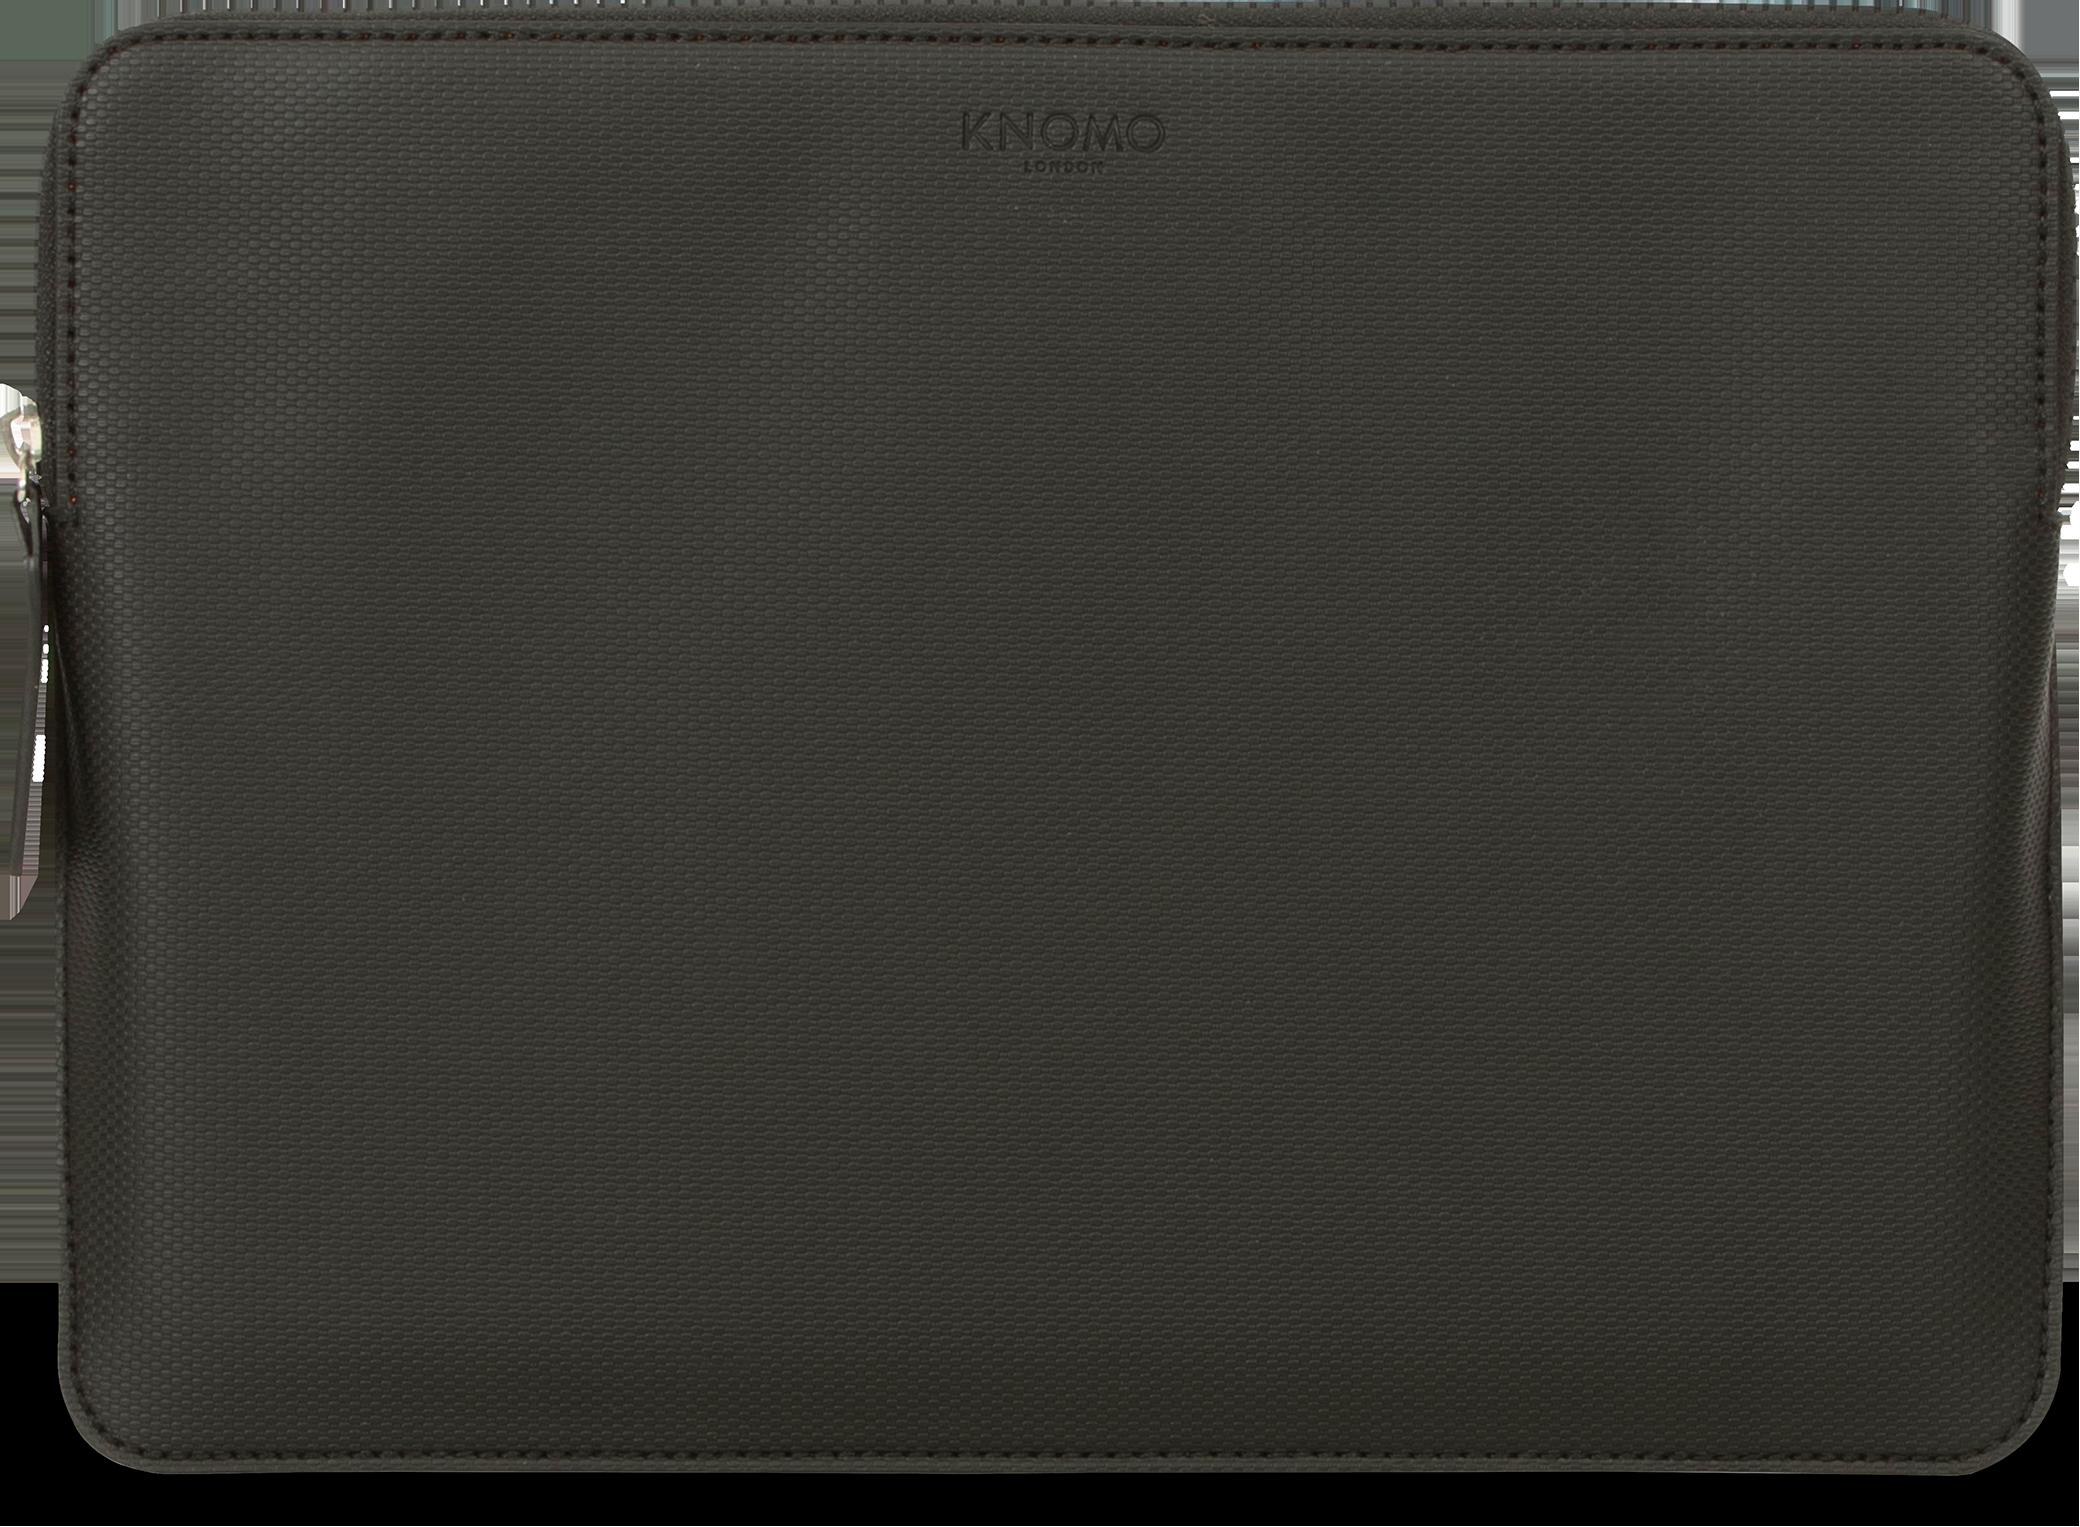 Bild von Knomo Geprägte Schutzhülle 13-Zoll-Laptop (Schwarz)